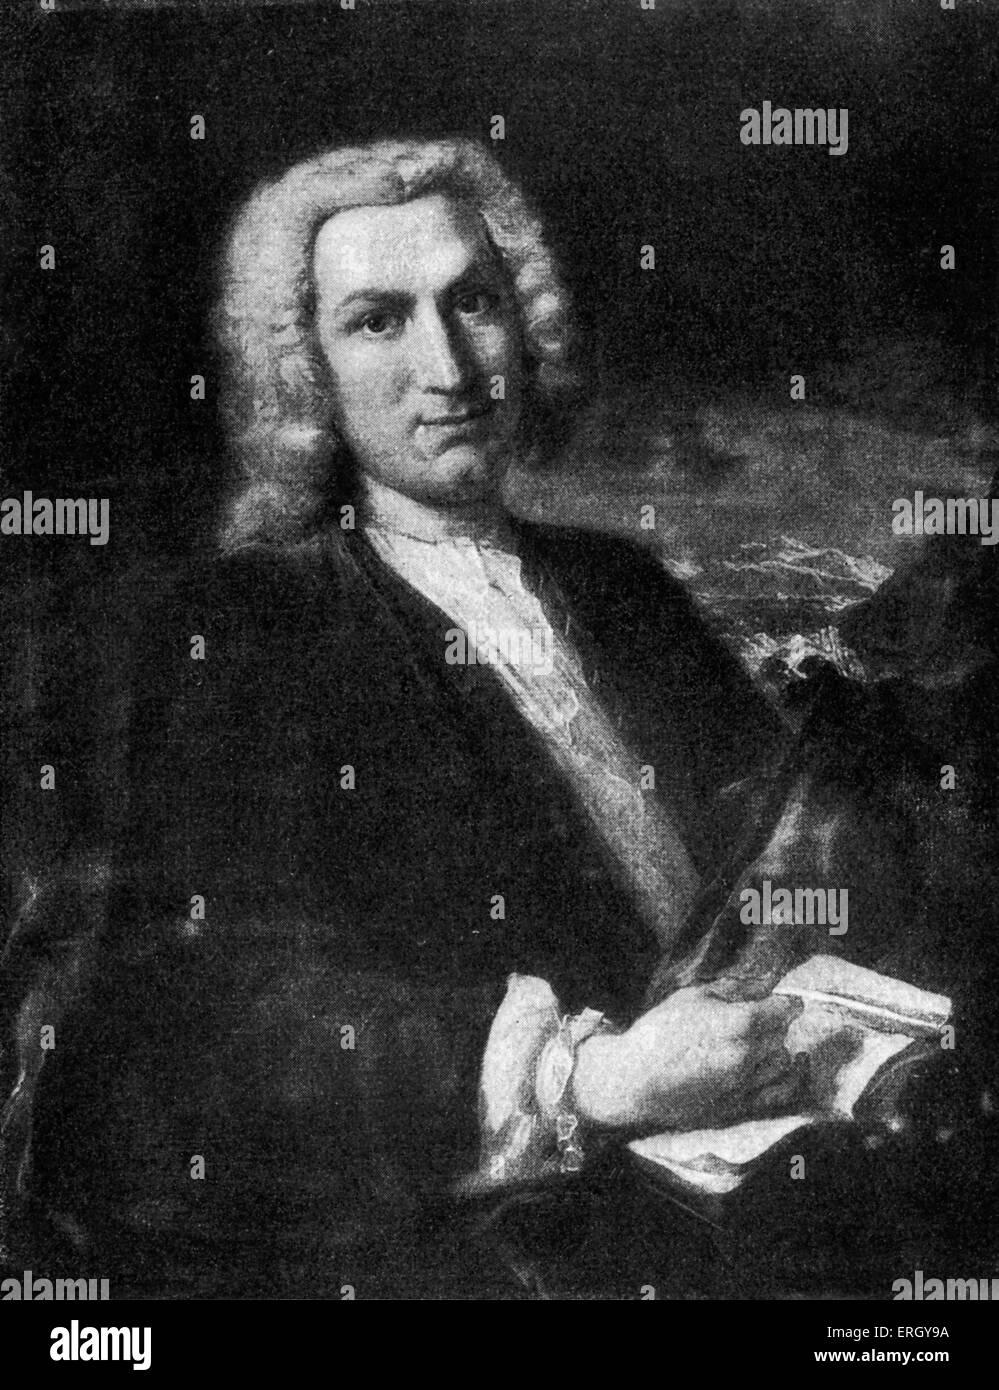 Albrecht von Haller. Nach A. Weese. AH, Schweizer Anatom, Physiologe, Naturforscher und Dichter: 16. Oktober 1708 Stockbild